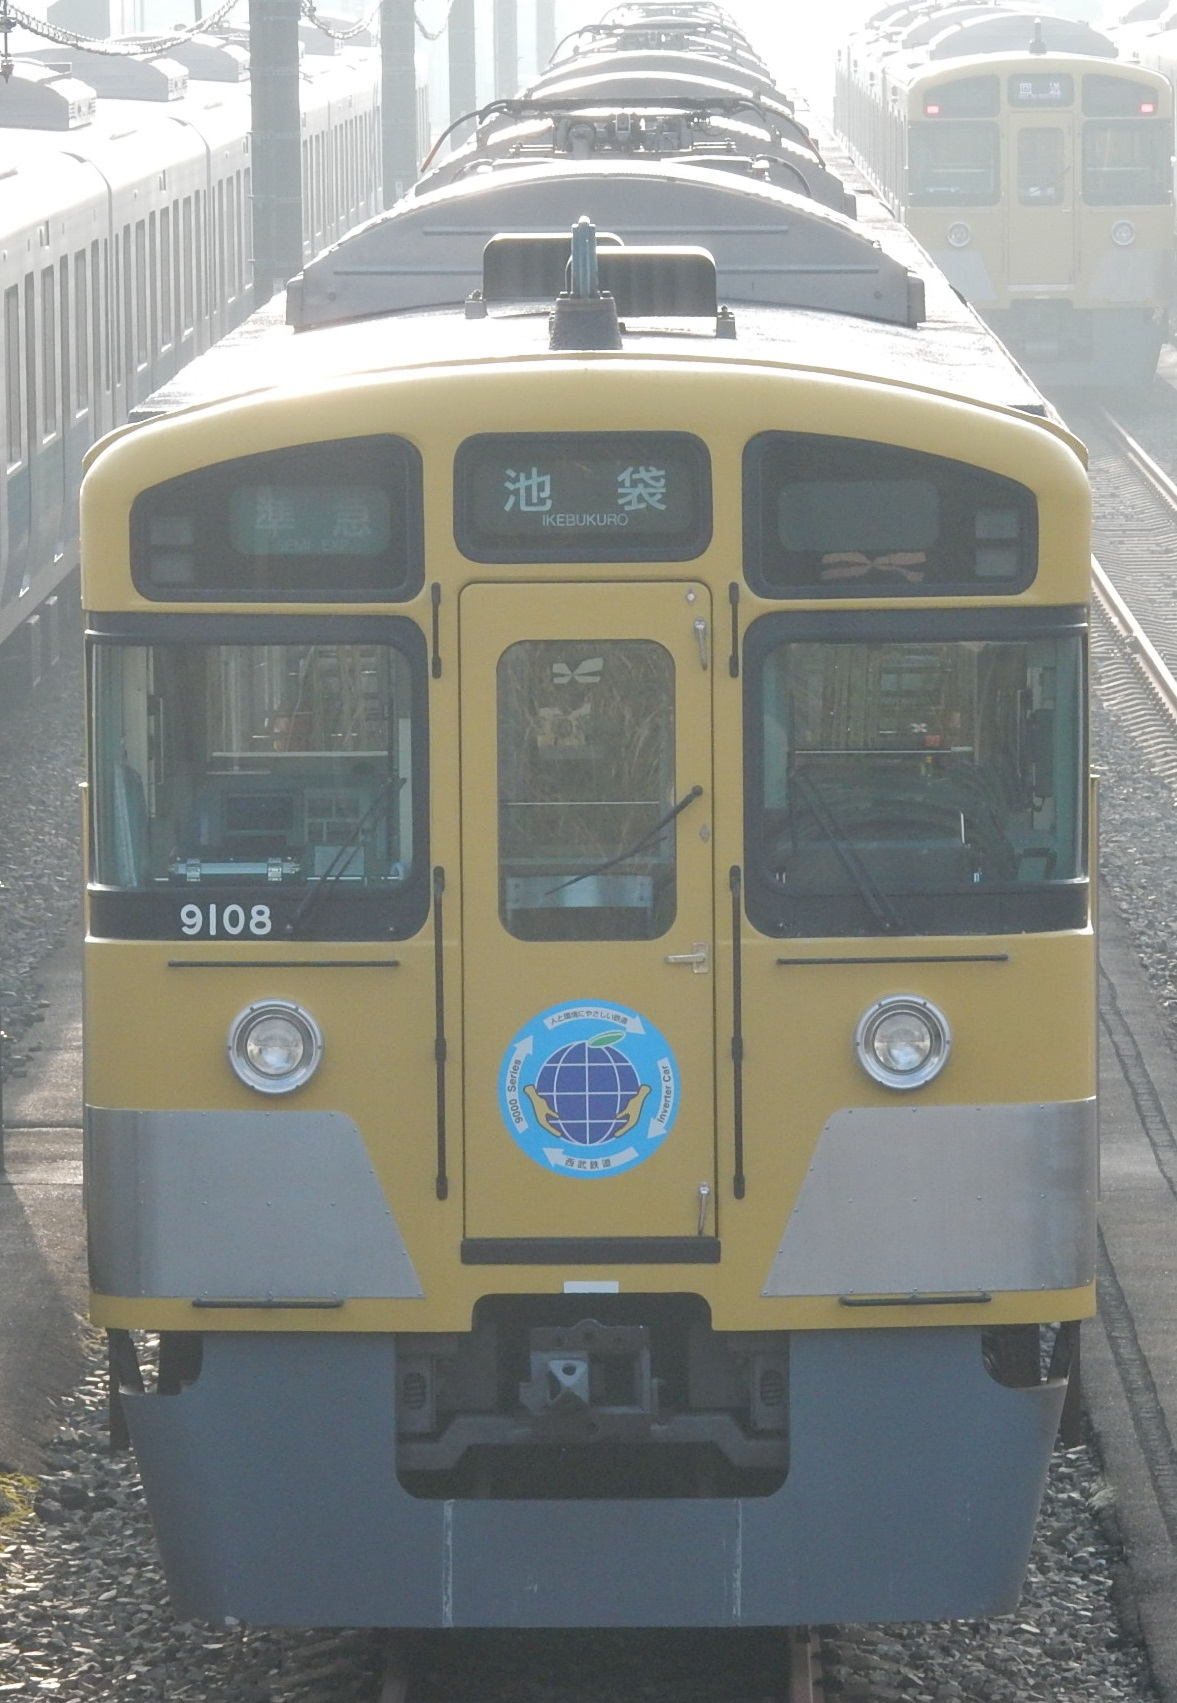 DSCN5926.jpg